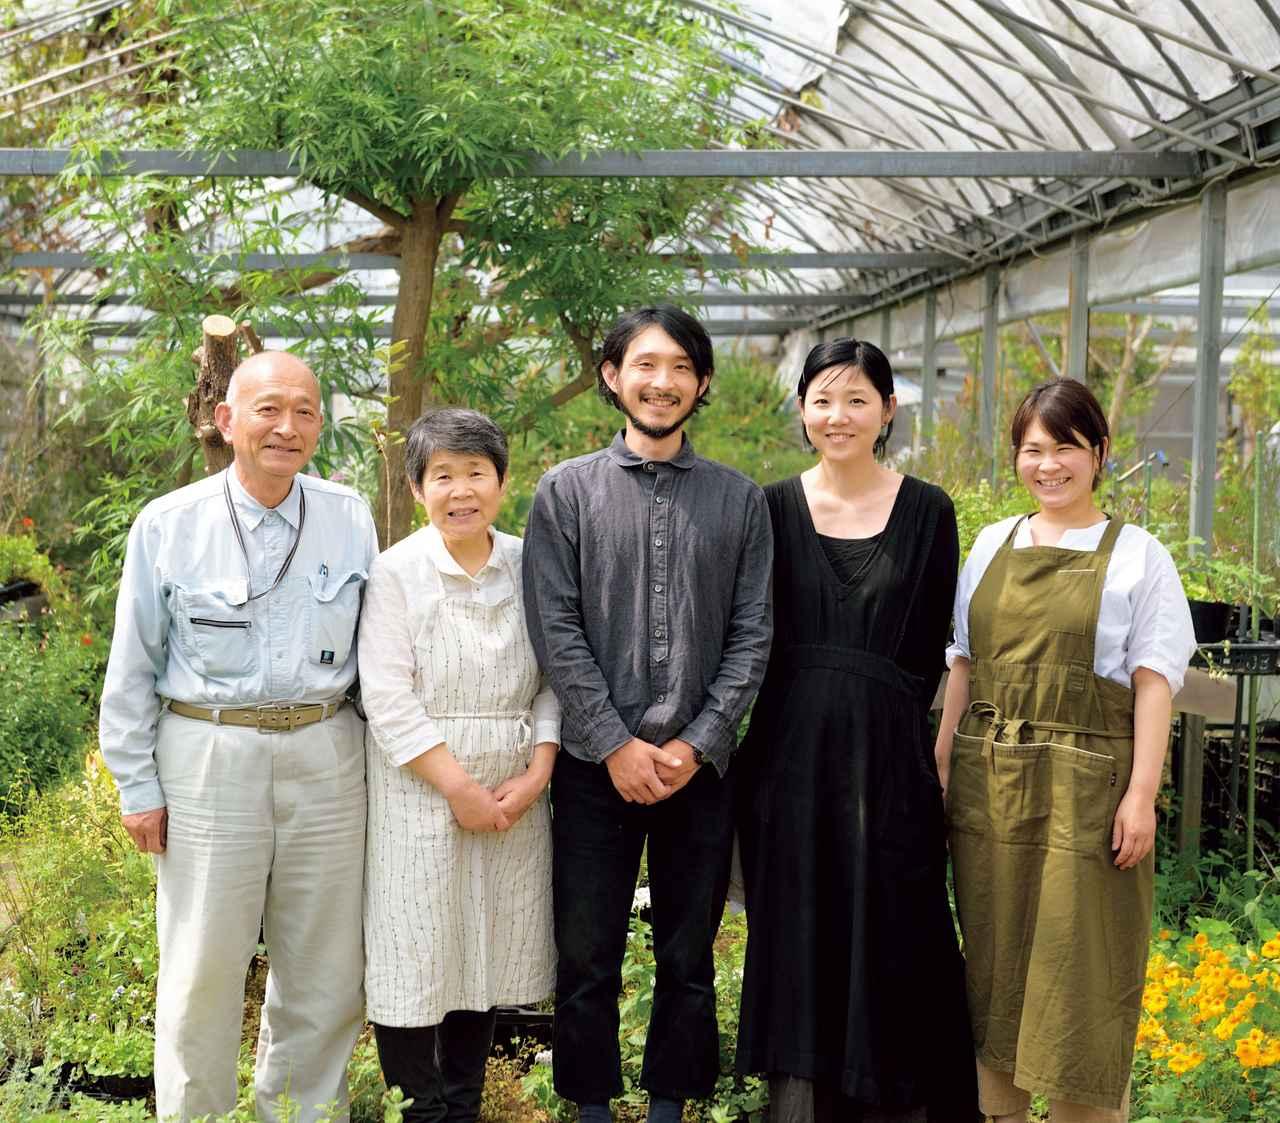 画像: 左から、父・康博さん、母・朝子さん、健太さんと妻の幸子さん、妹の裕美さんの仲よし一家